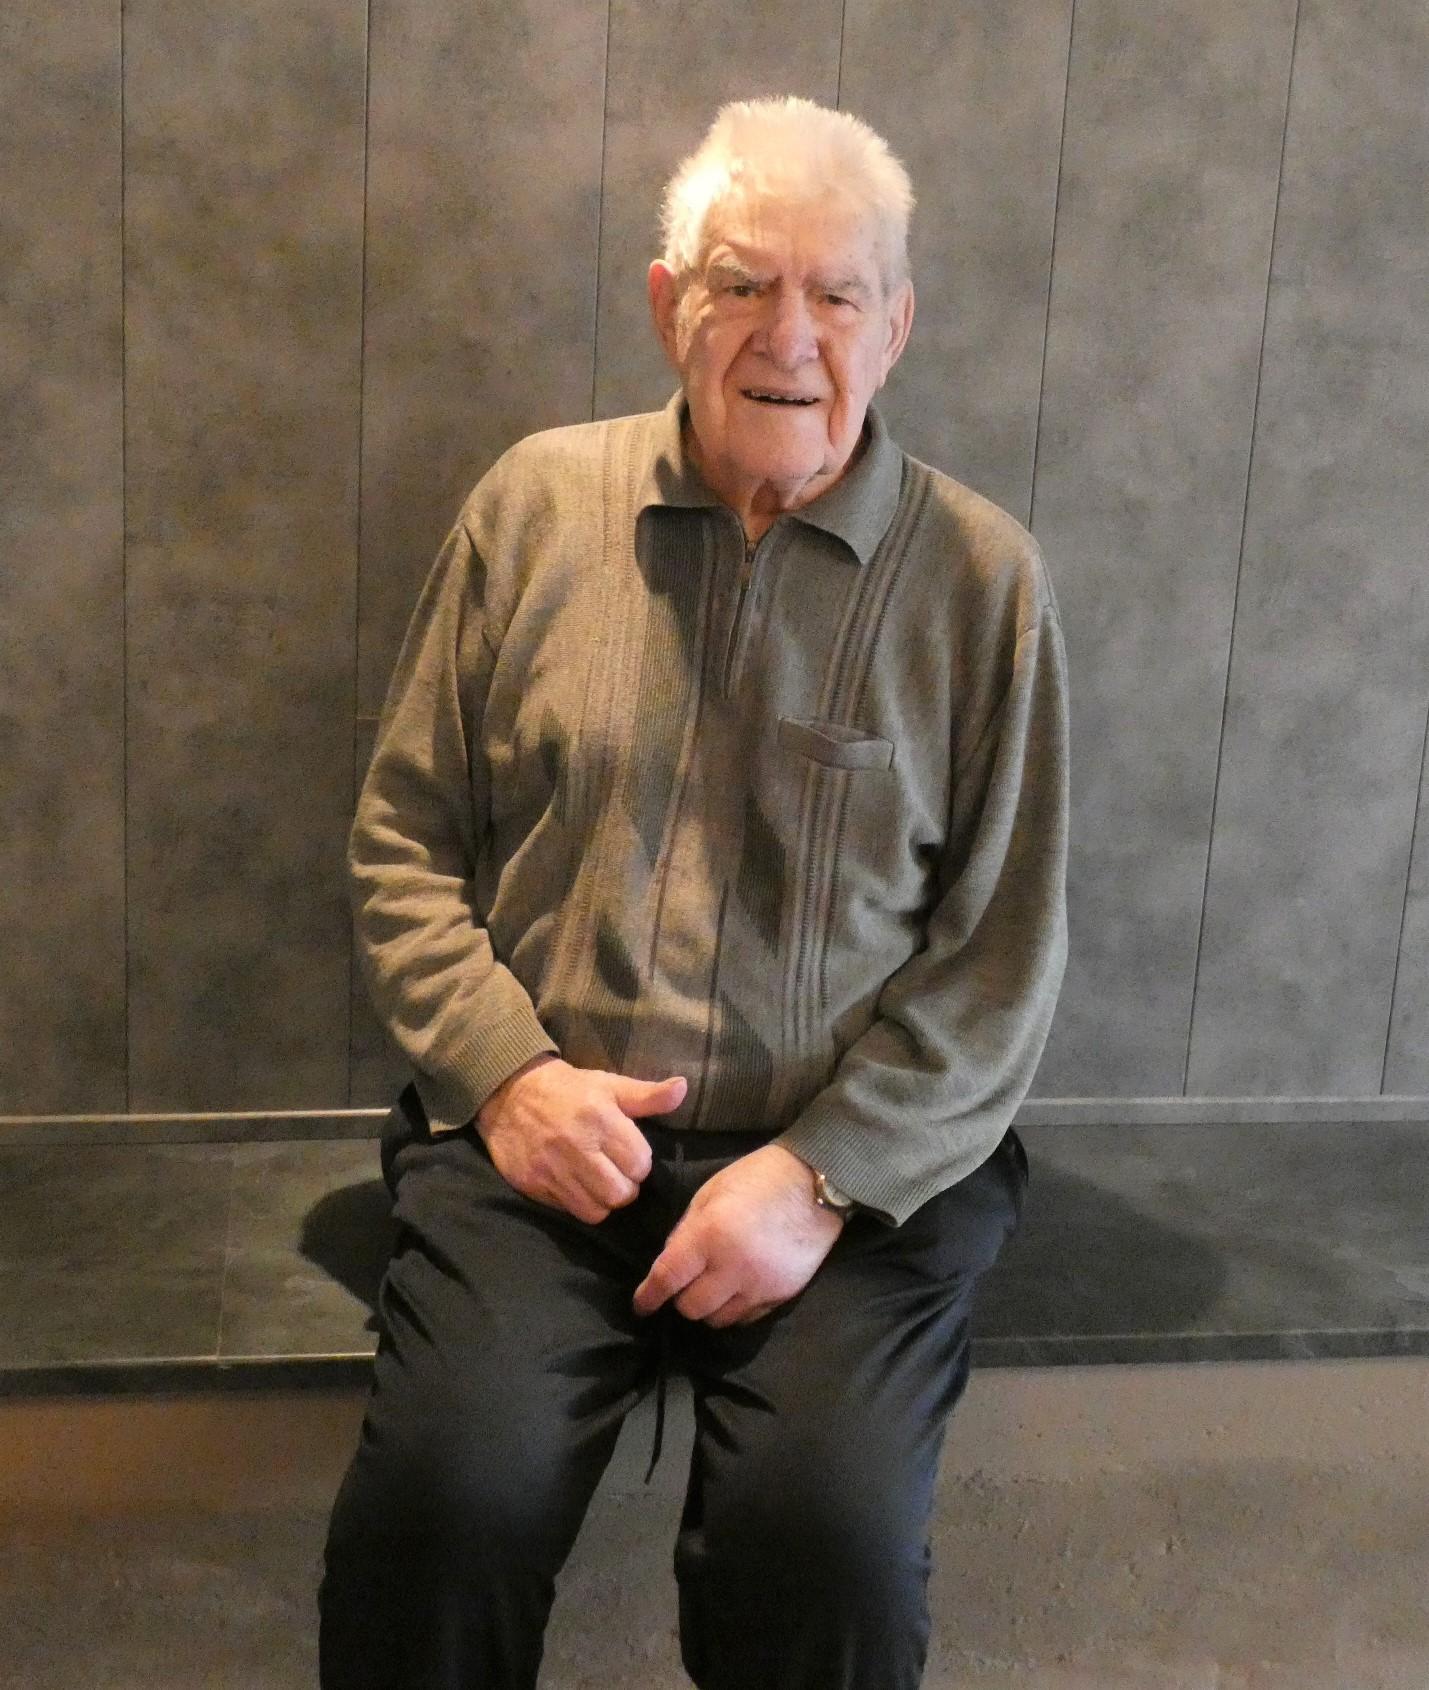 23 décembre: M. René Rocklin, 85 ans